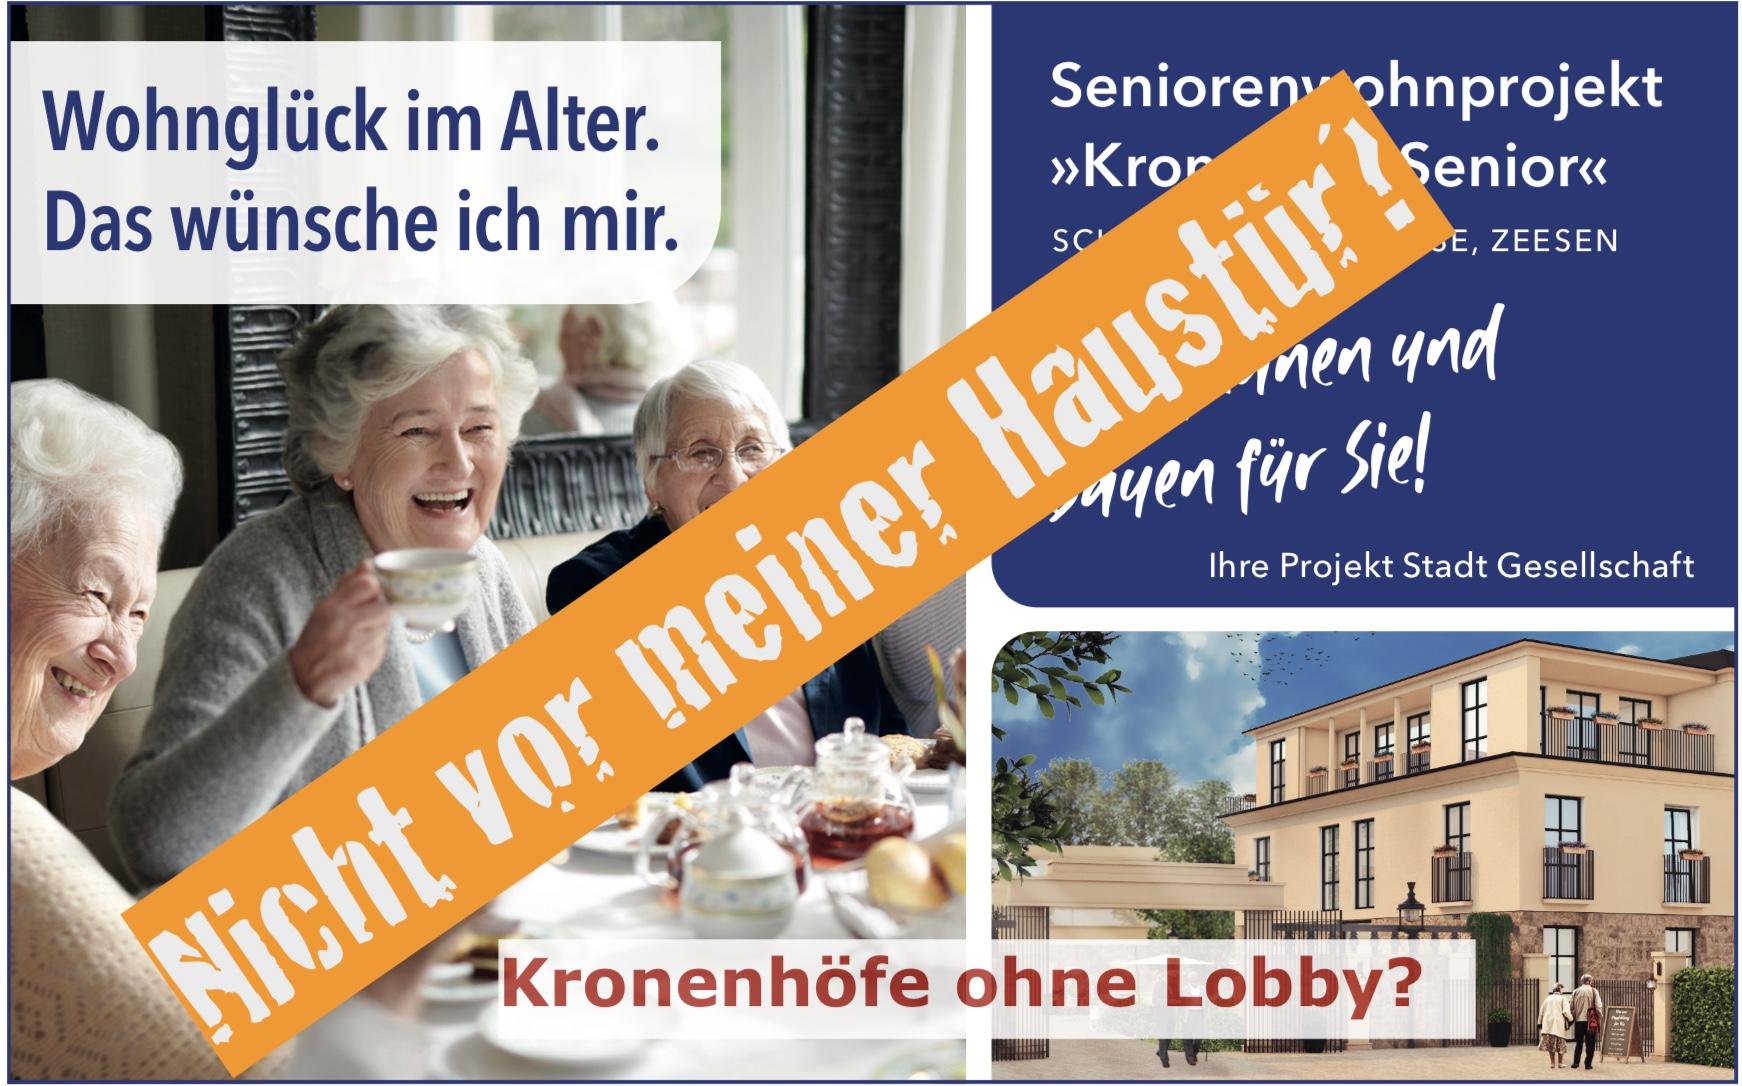 Kronenhöfe ohne Lobby?